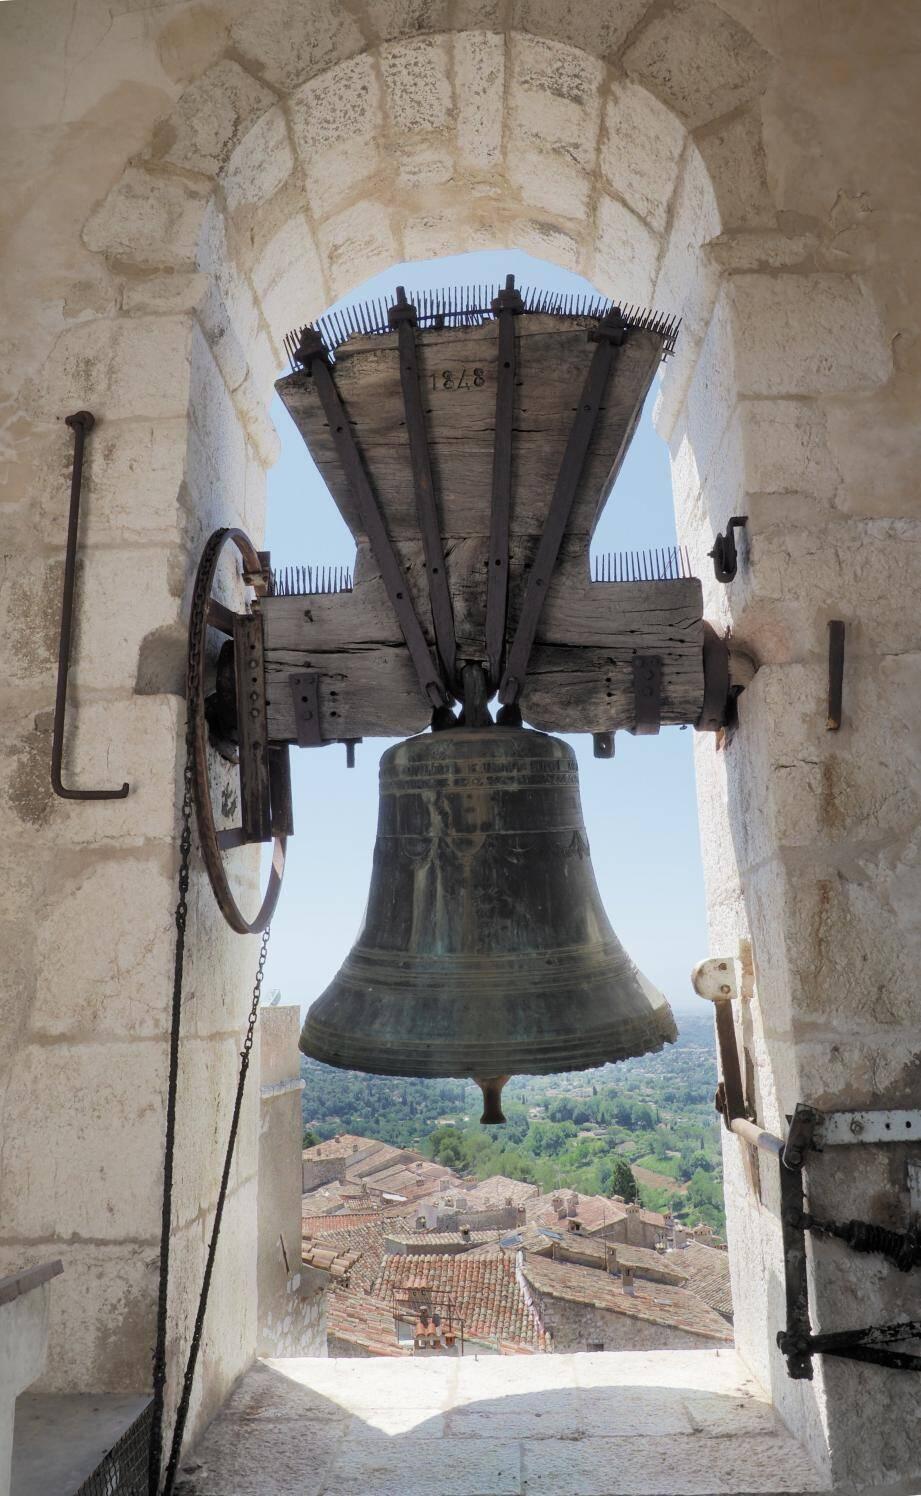 Une souscription a eu lieu pour la restauration des cloches de la collégiale de Saint-Paul-de-Vence.